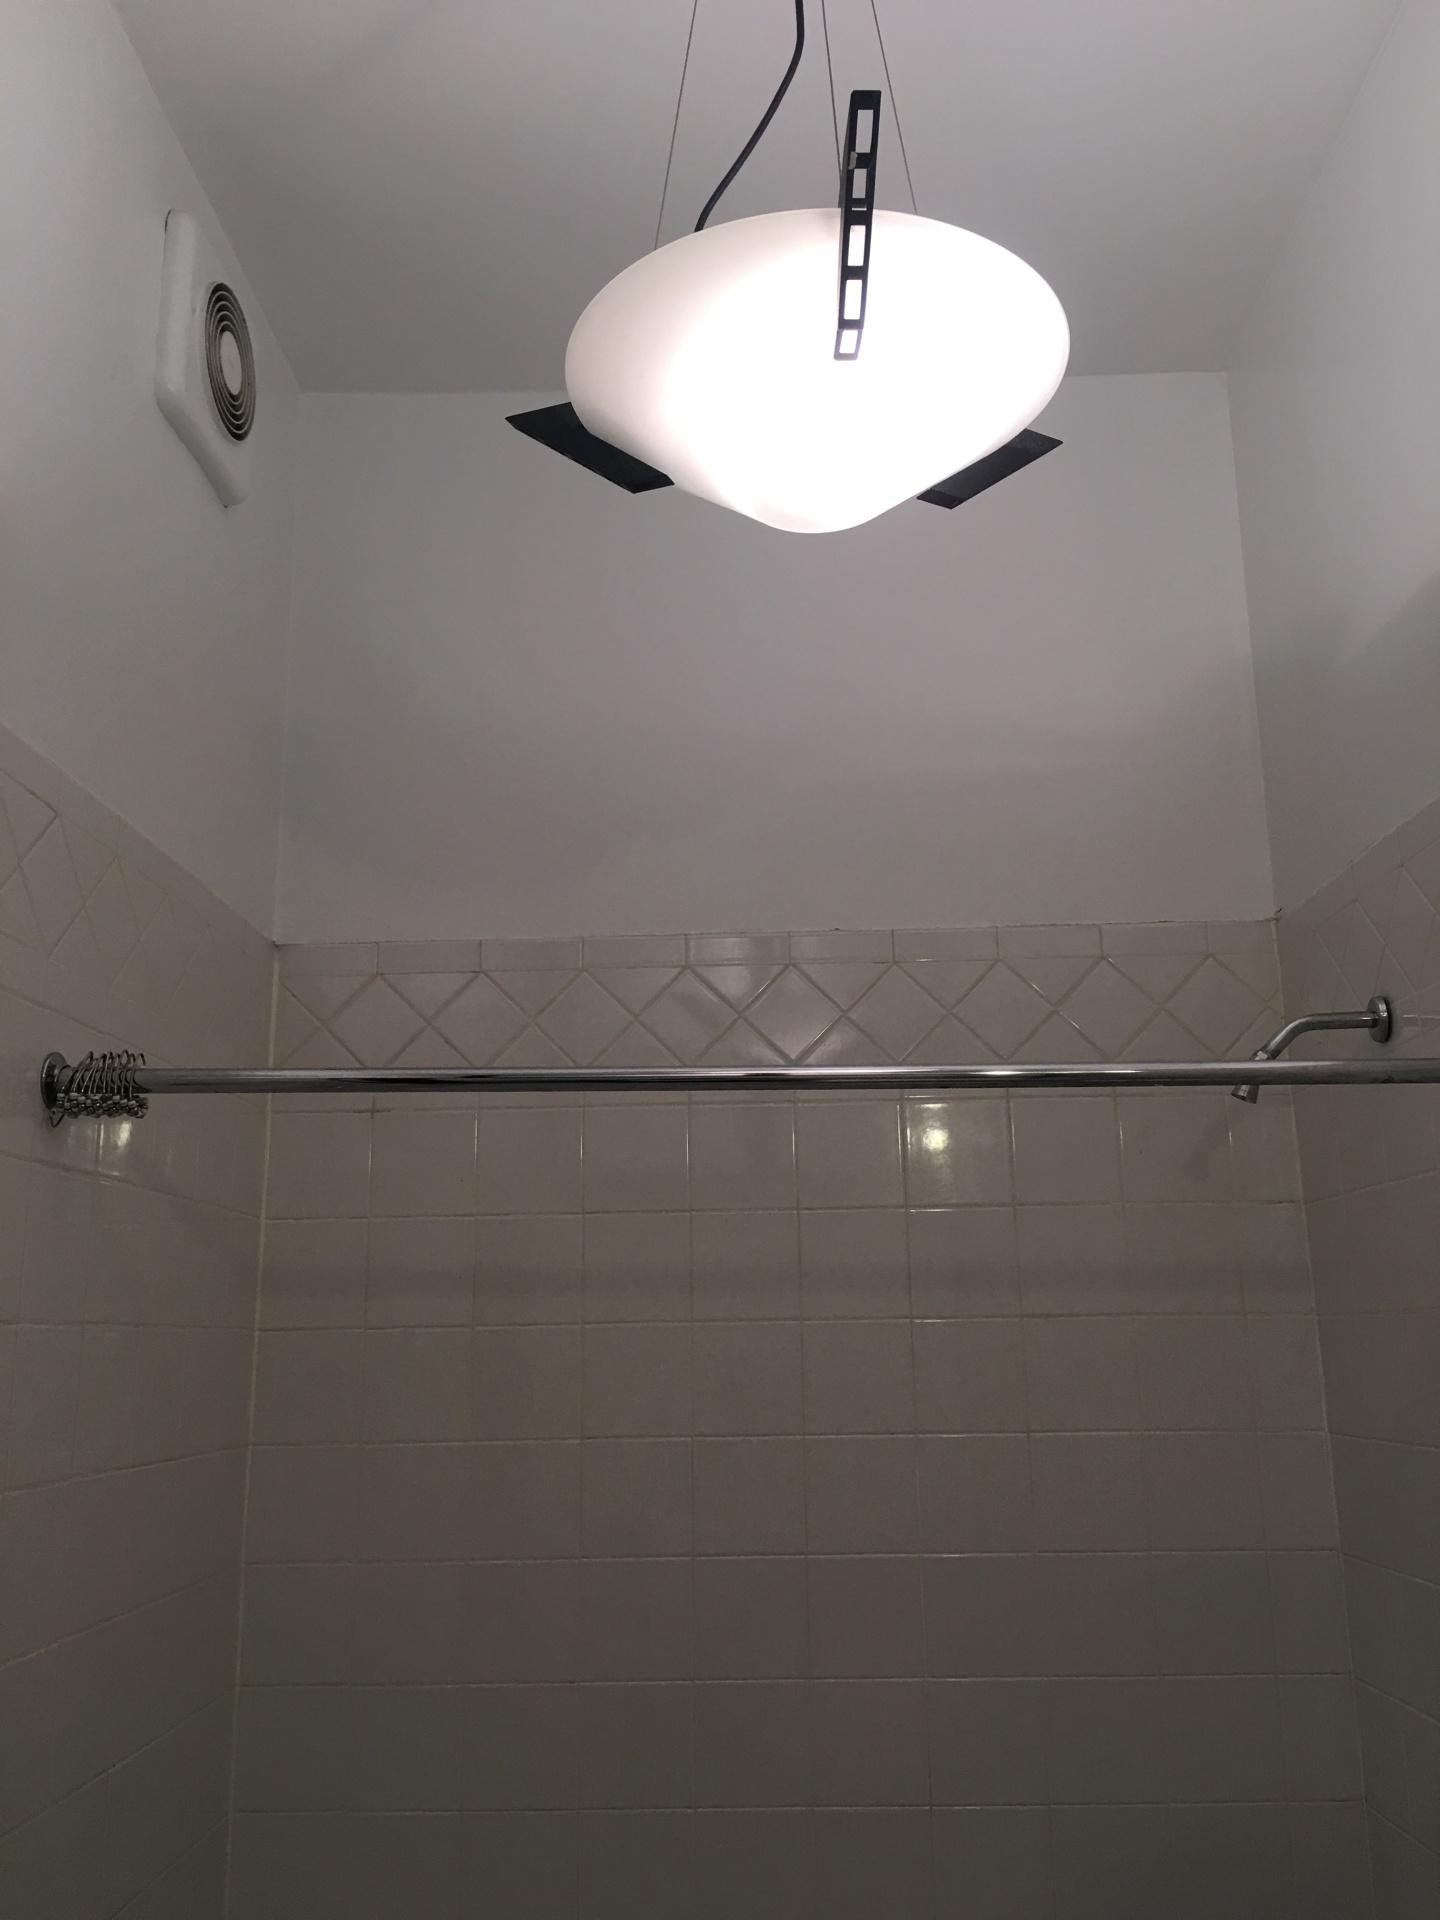 High Ceiling of Bathroom